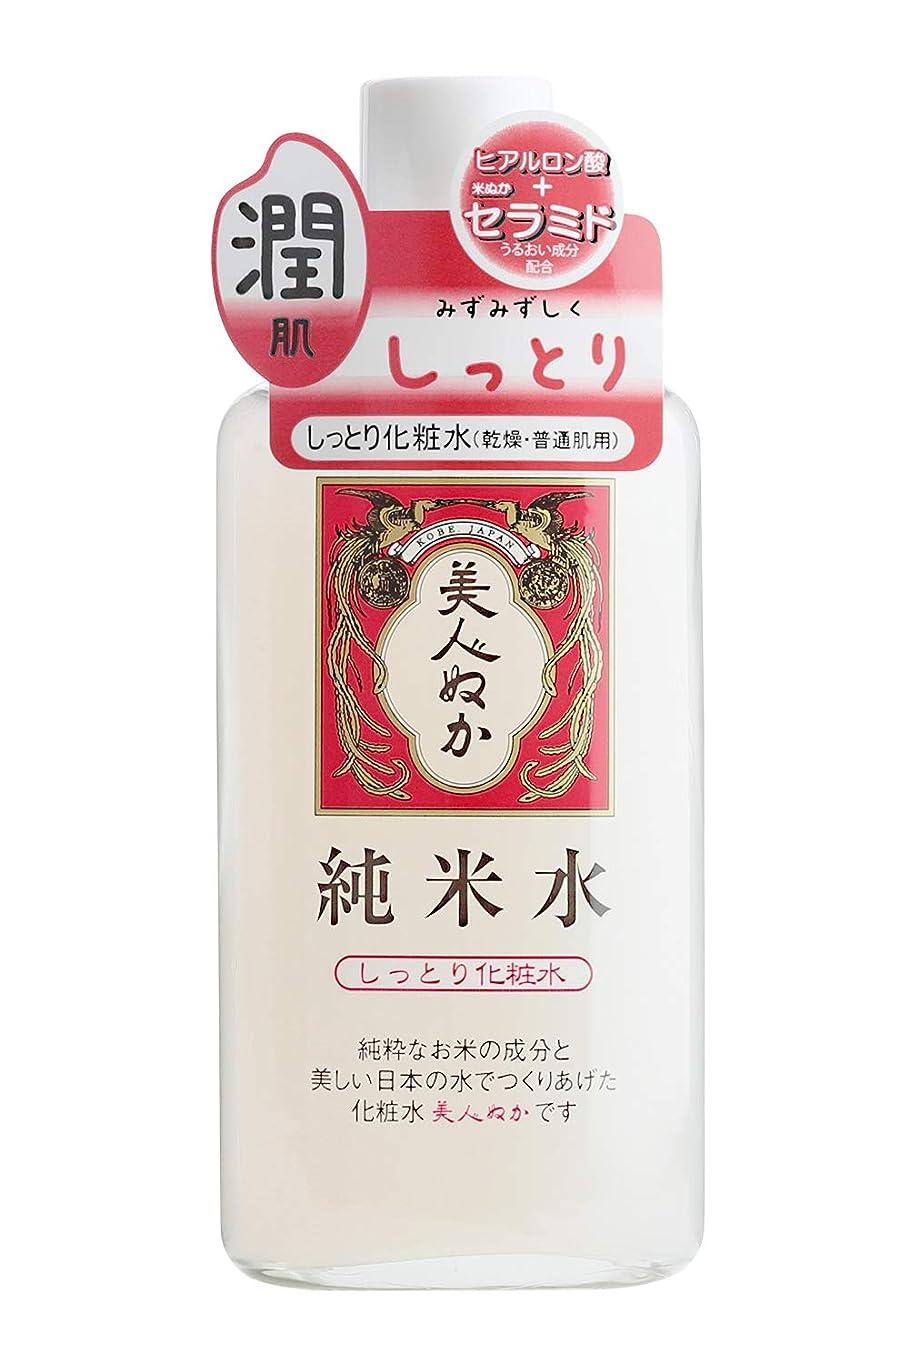 肉ルネッサンスプロポーショナル美人ぬか 純米水 しっとり化粧水 130mL